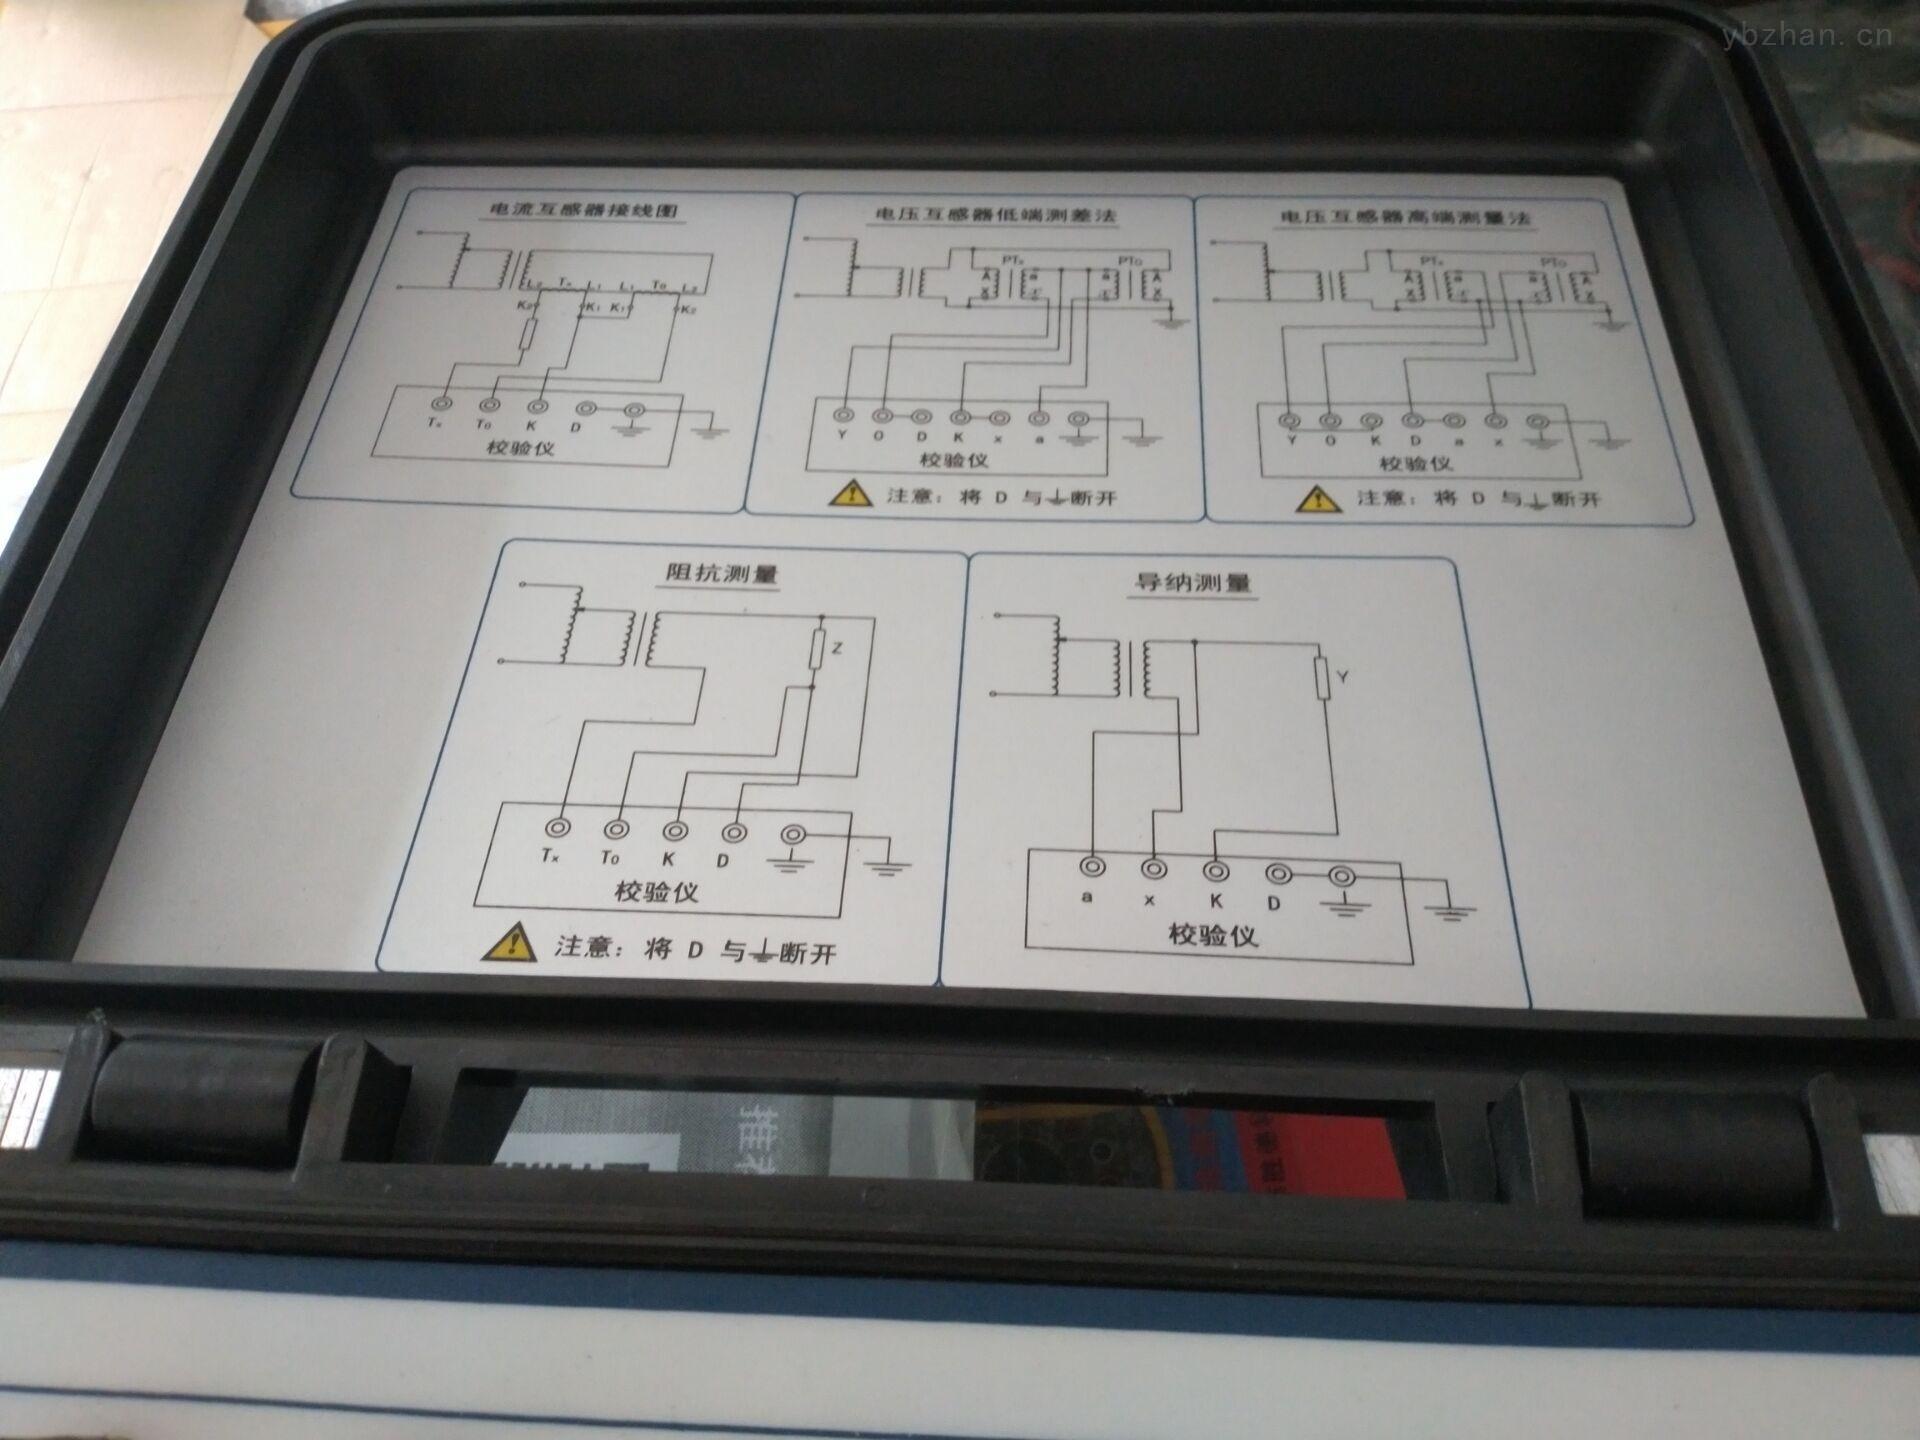 仿真型互感器现场校验仪